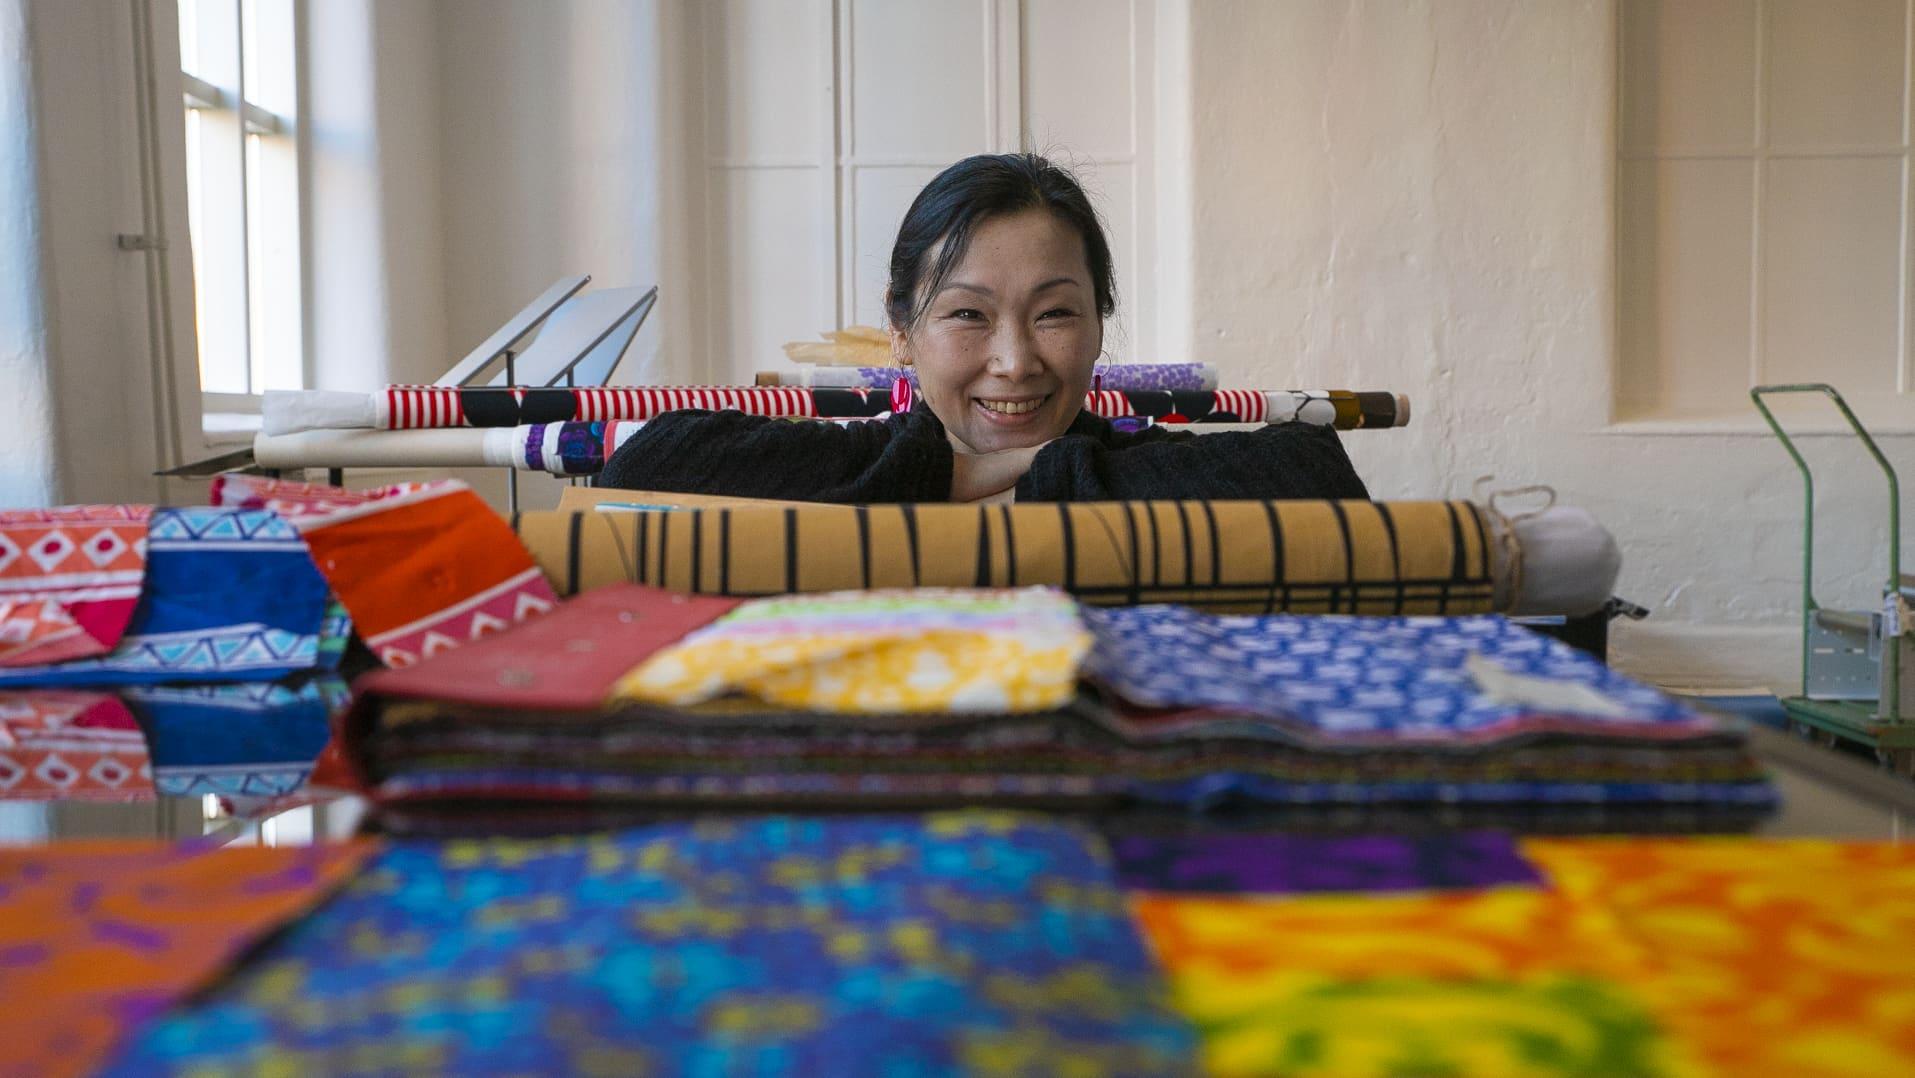 Aasilainen nainen nojaa pöytään kankaiden takana ja hymyilee .